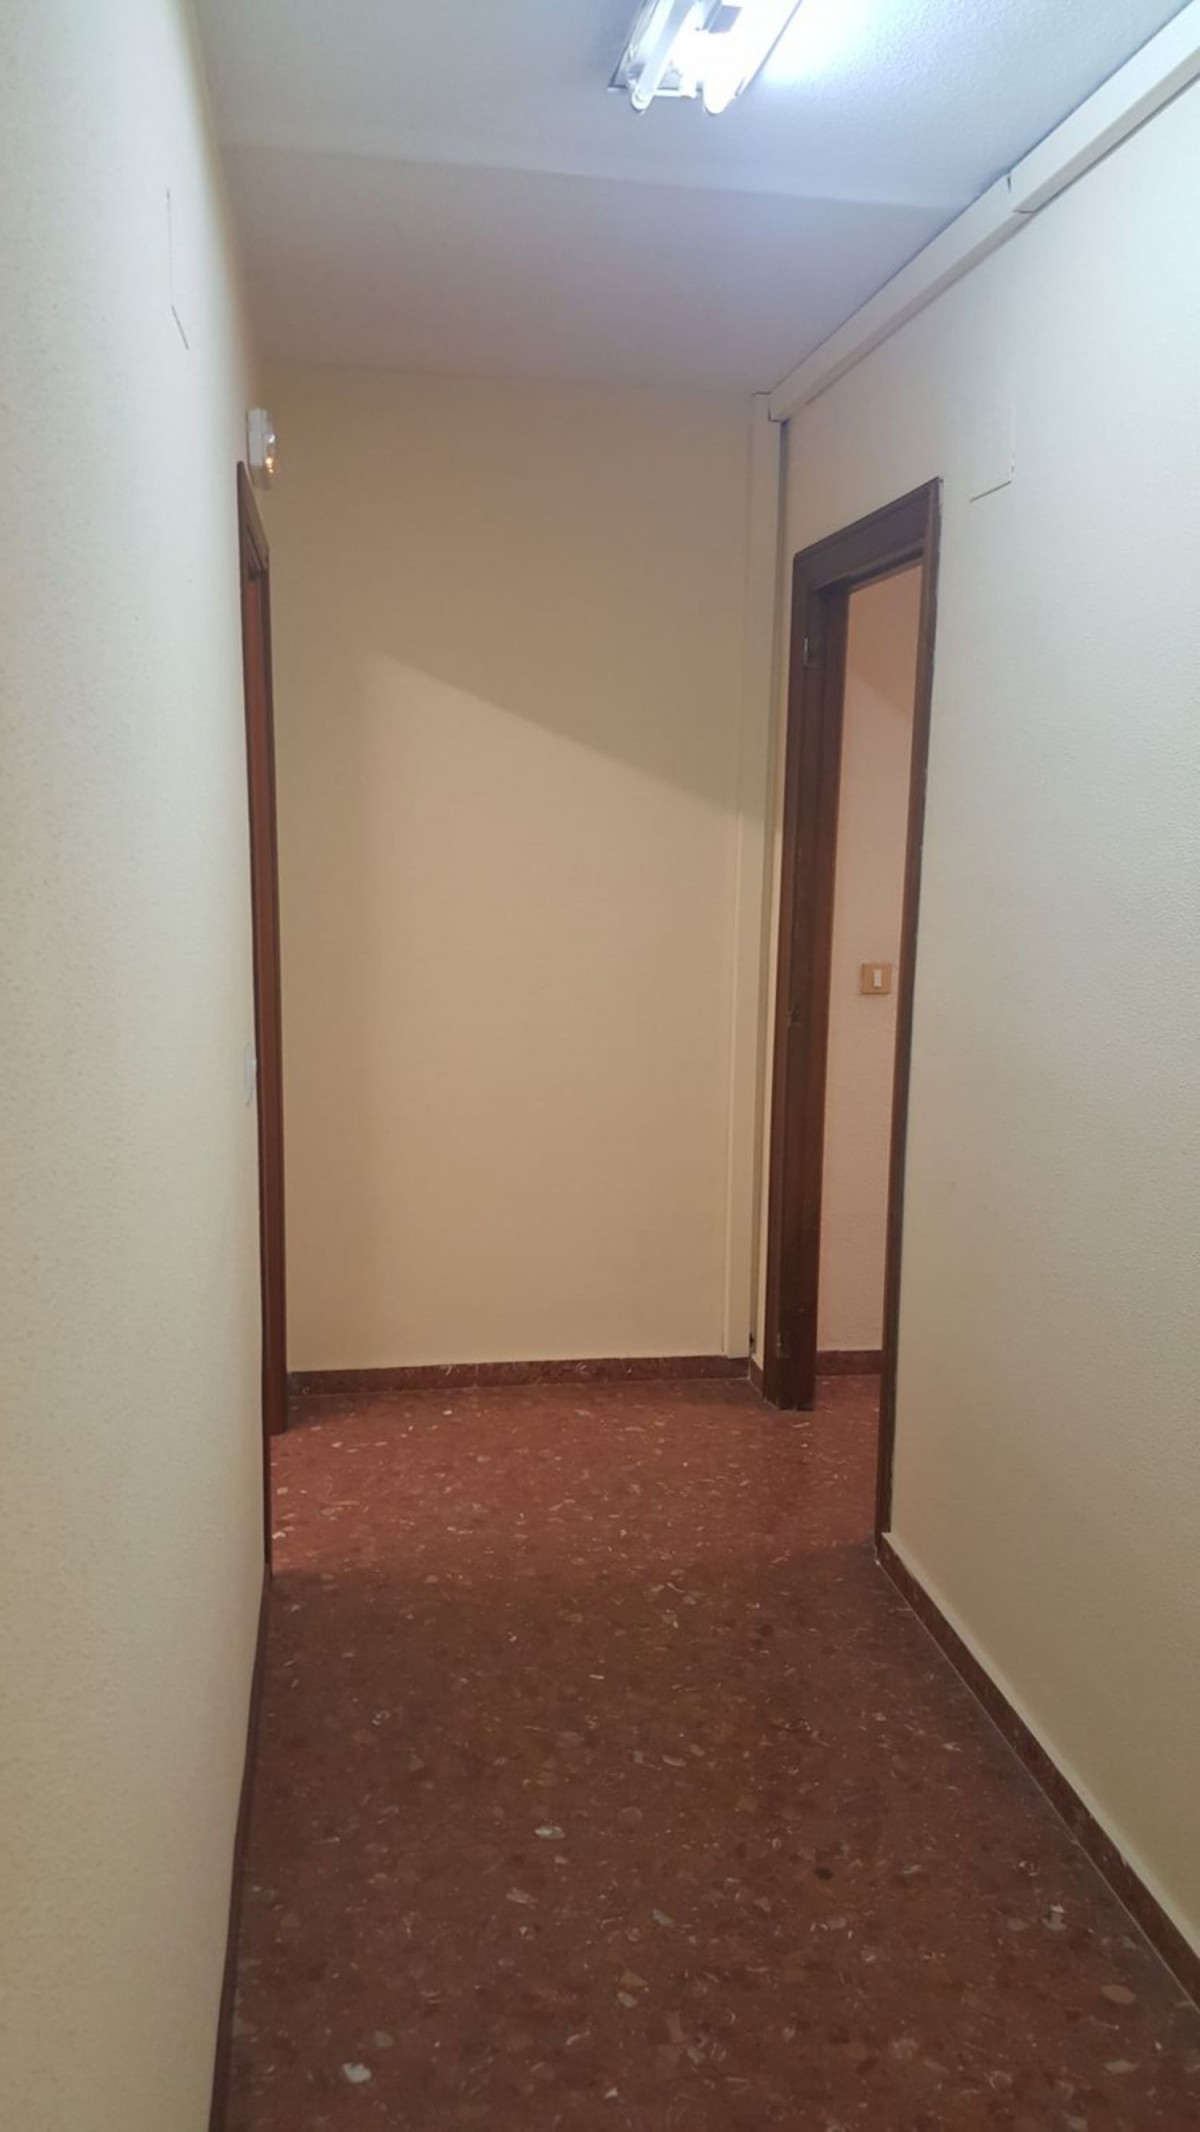 Alquiler de oficina en valencia - imagenInmueble34